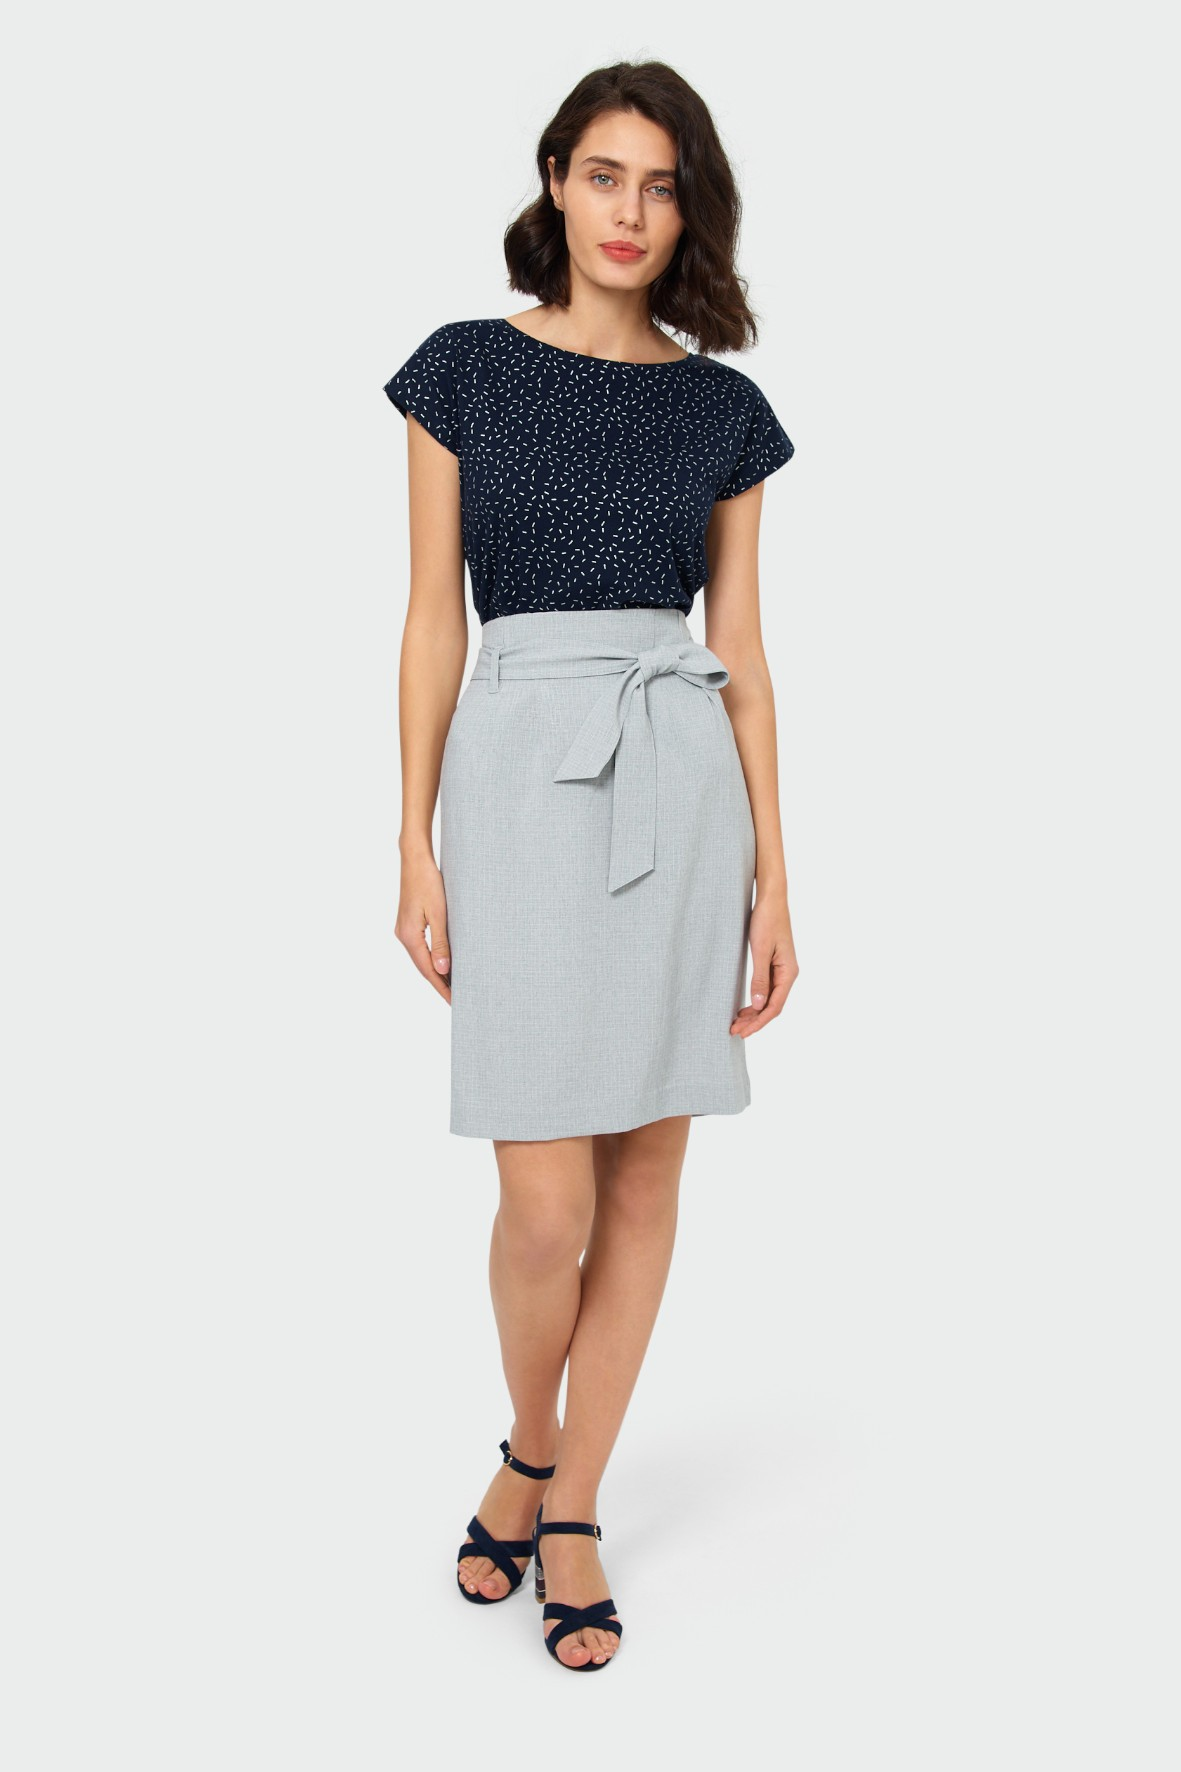 Granatowy top z nadrukiem- ubrania dla kobiet